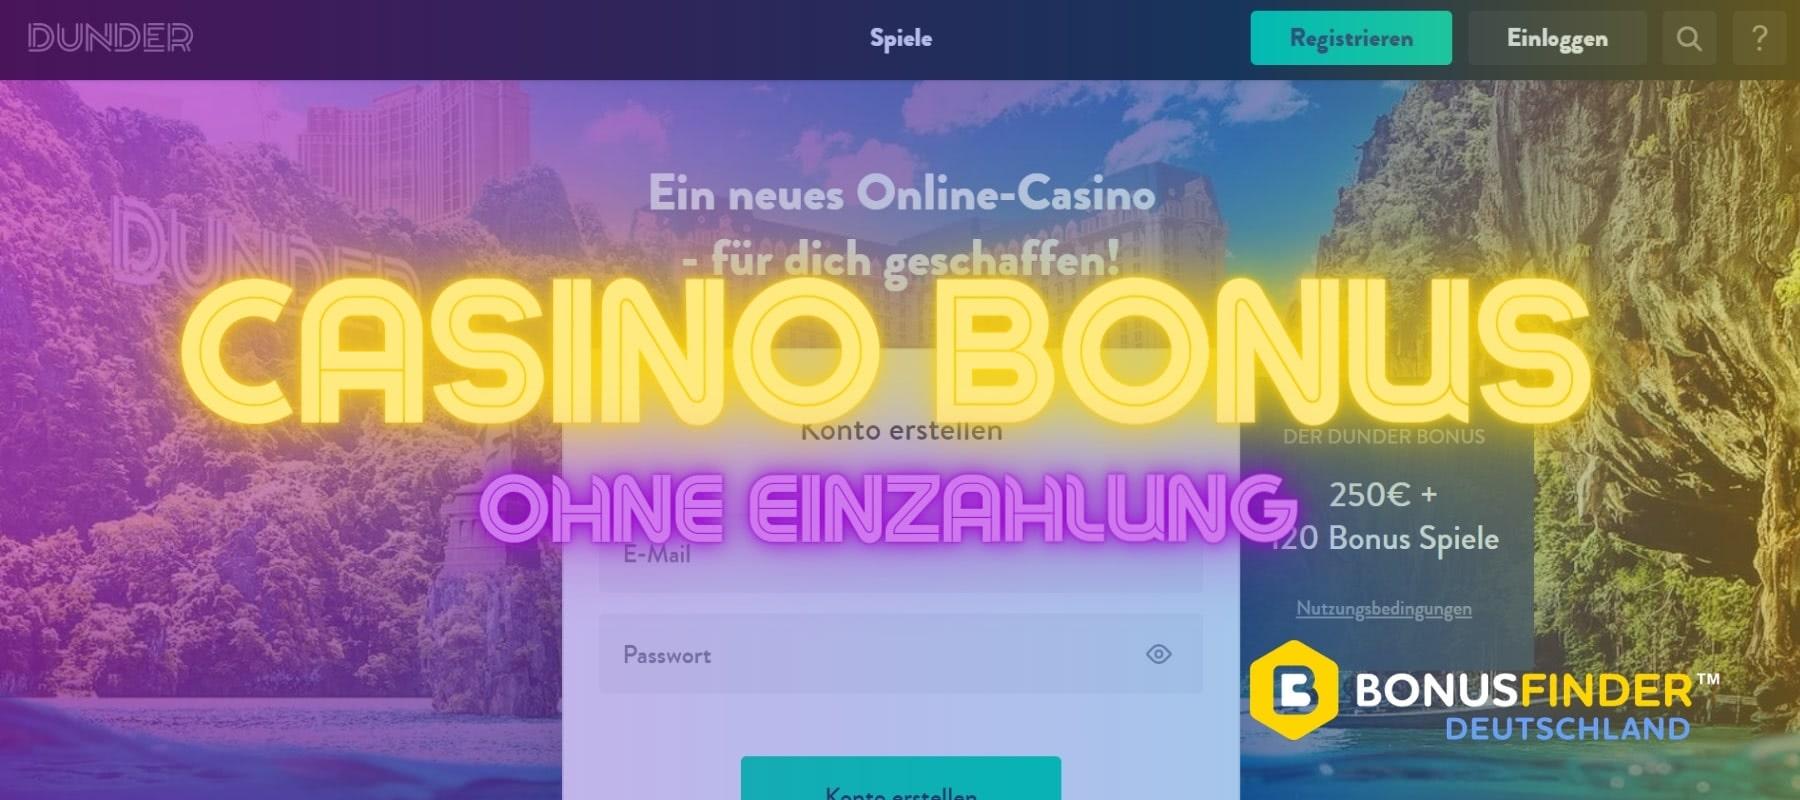 dunder casino bonus ohne einzahlung